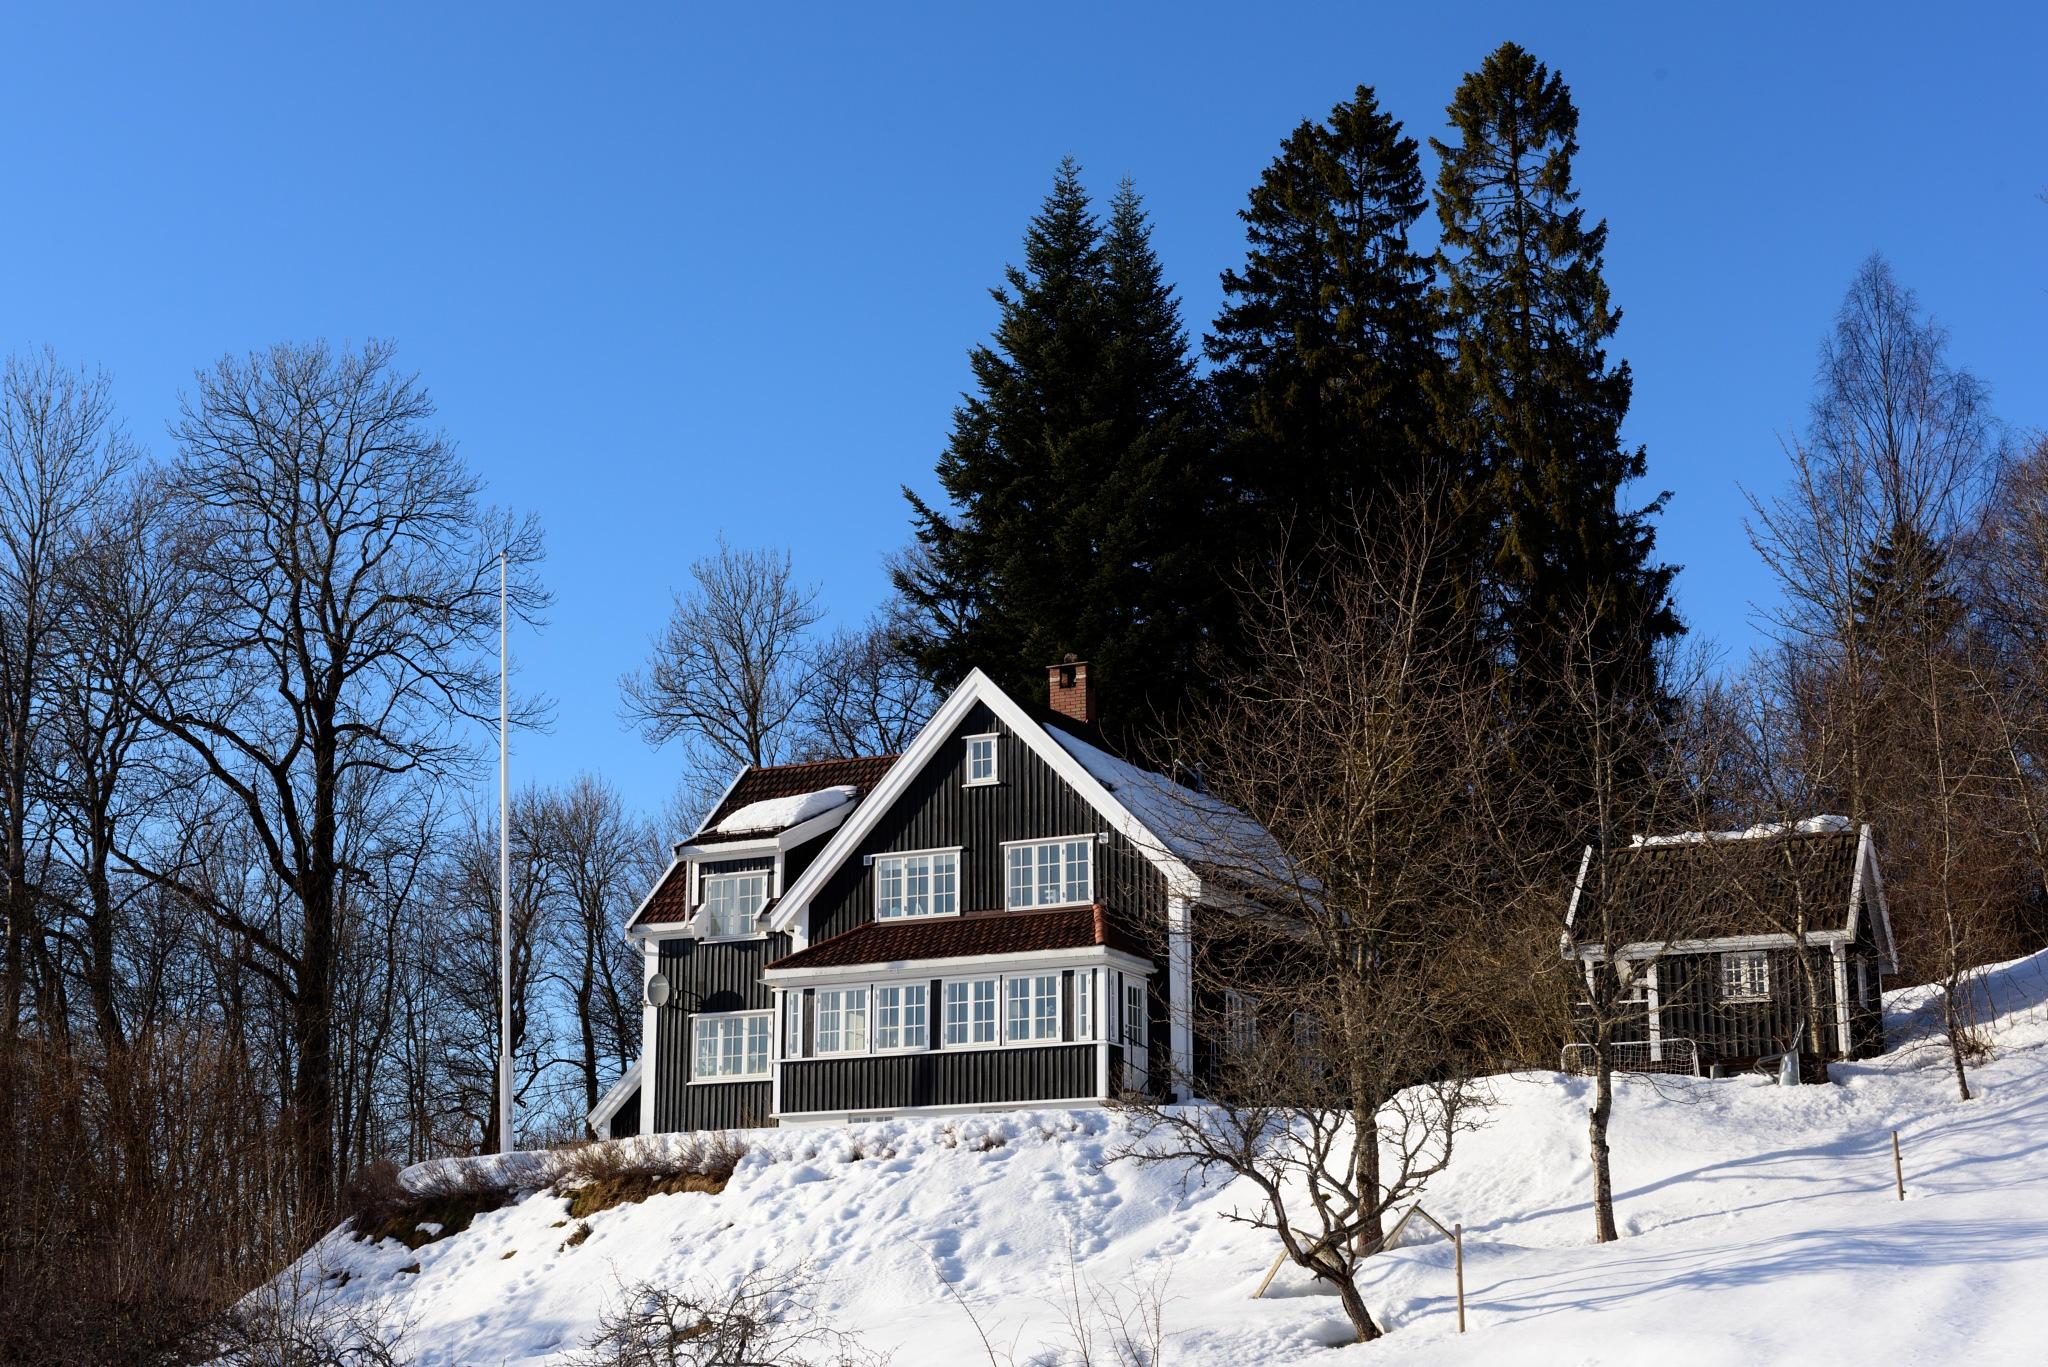 Hillside House by MarkLanham